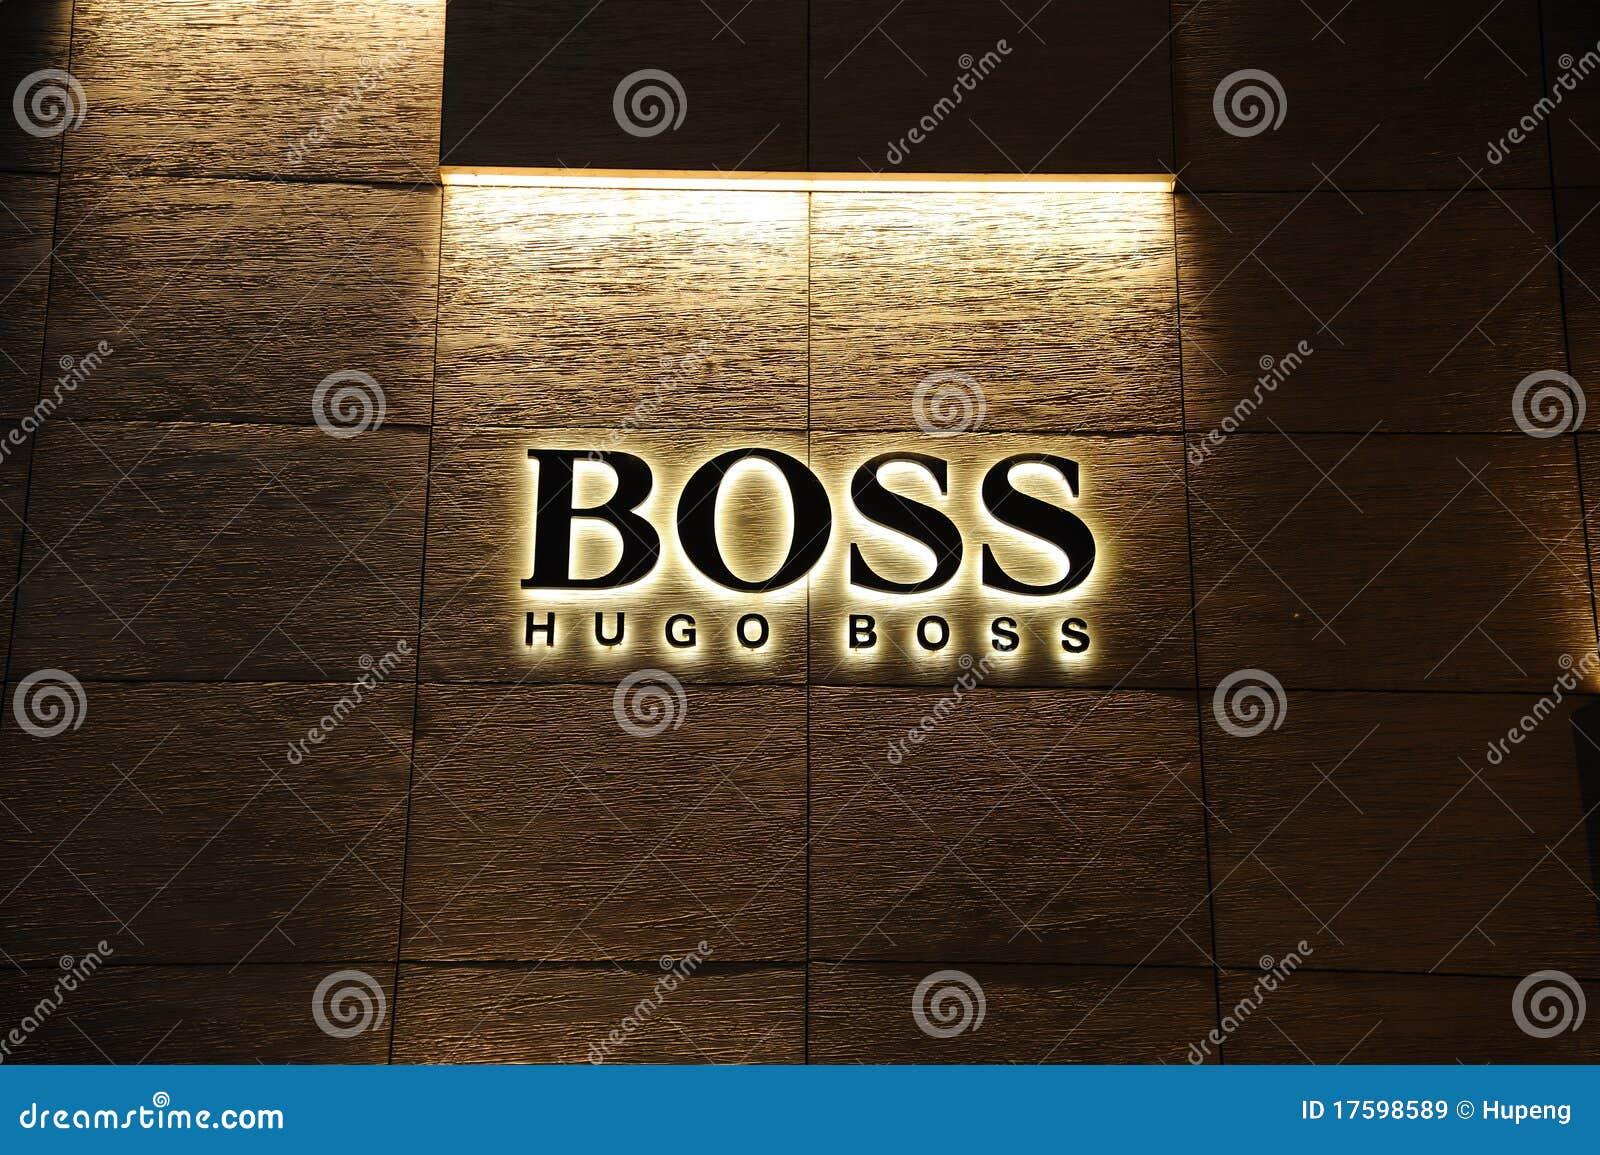 Босс бренд девушки работа астана